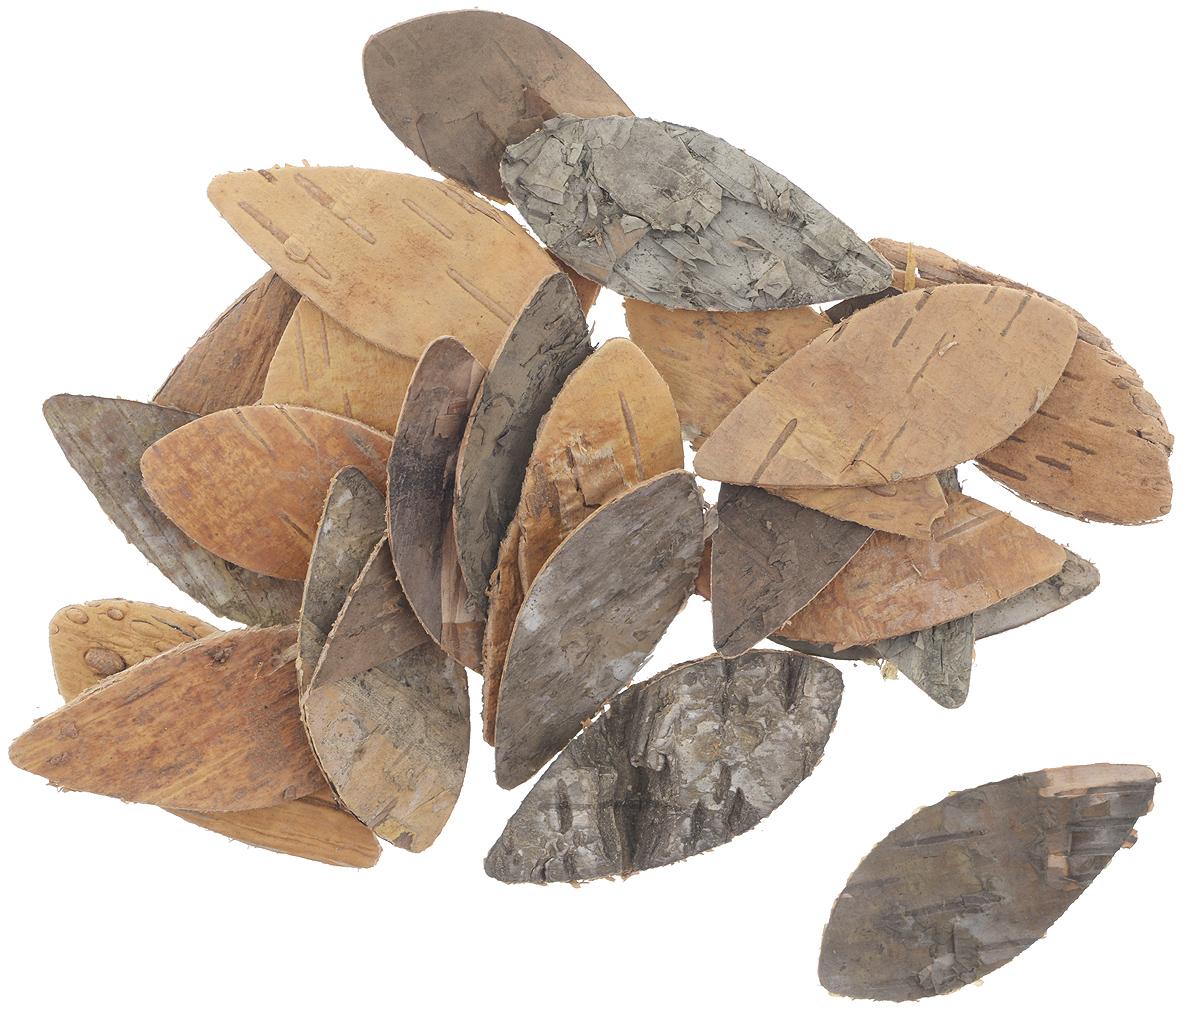 Декоративный элемент Dongjiang Art Лист, цвет: натуральное дерево, 30 шт7709015_нат/деревоДекоративный элемент Dongjiang Art Лист, изготовленный из натуральной коры дерева, предназначен дляукрашения цветочных композиций. Изделие можно также использовать в технике скрапбукинг и многом другом.Флористика - вид декоративно-прикладного искусства, который использует живые, засушенные иликонсервированные природные материалы для создания флористических работ. Это целый мир, в котором естьместо строгому математическому расчету и вдохновению. Размеры одного элемента: 2 см х 5 см.